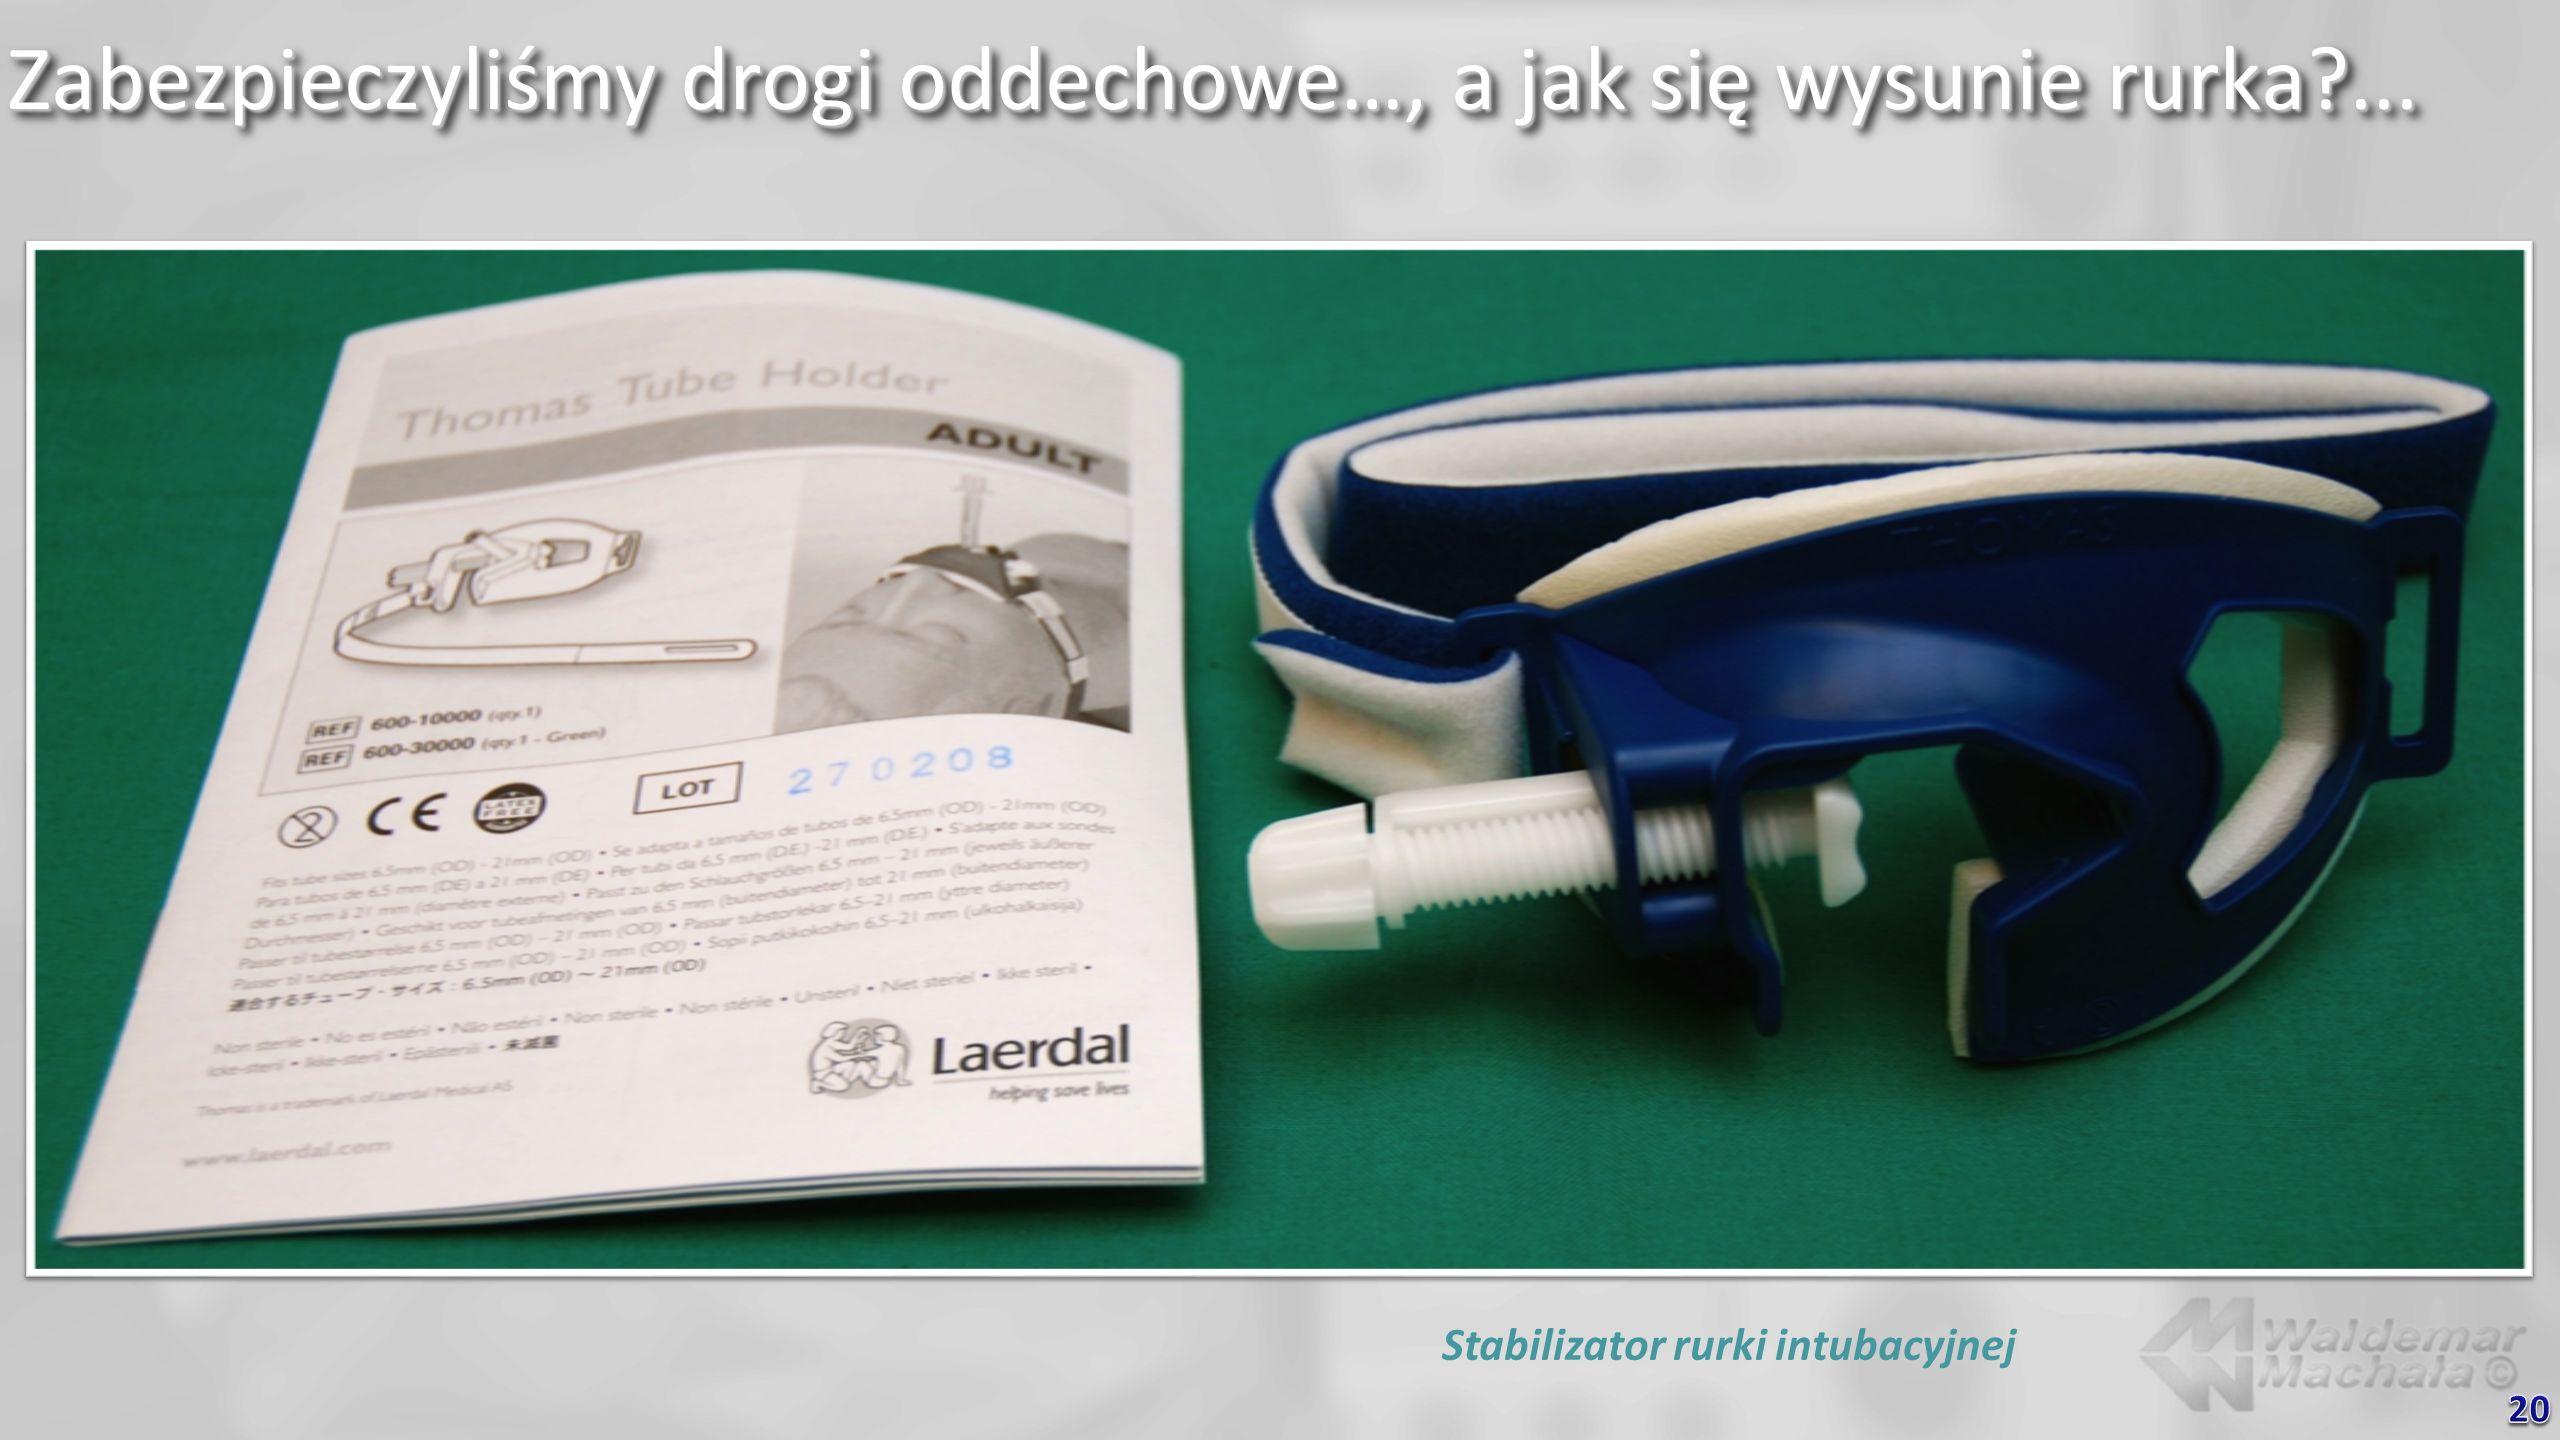 Zabezpieczyliśmy drogi oddechowe…, a jak się wysunie rurka?... Stabilizator rurki intubacyjnej